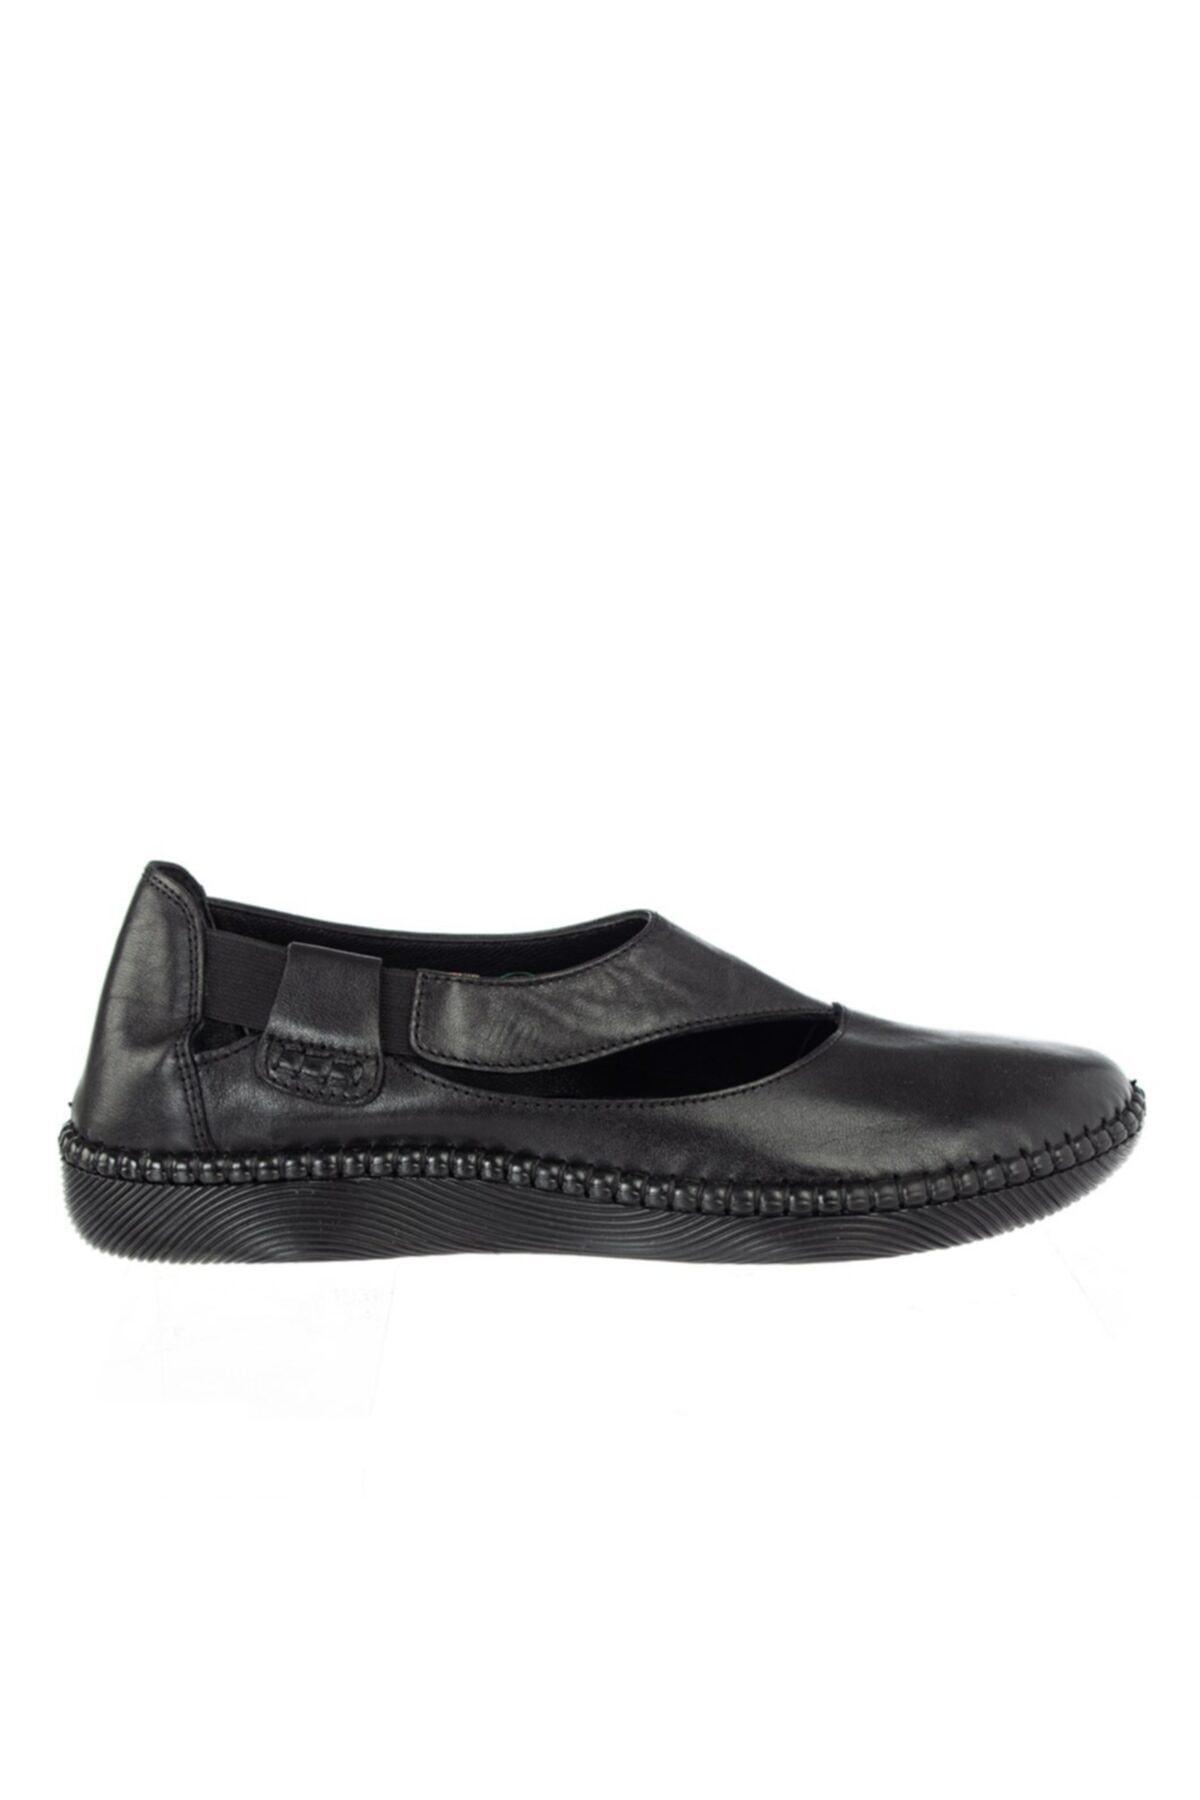 Celal Gültekin Cg 4053 Kadın Günlük Ayakkabı Siyah